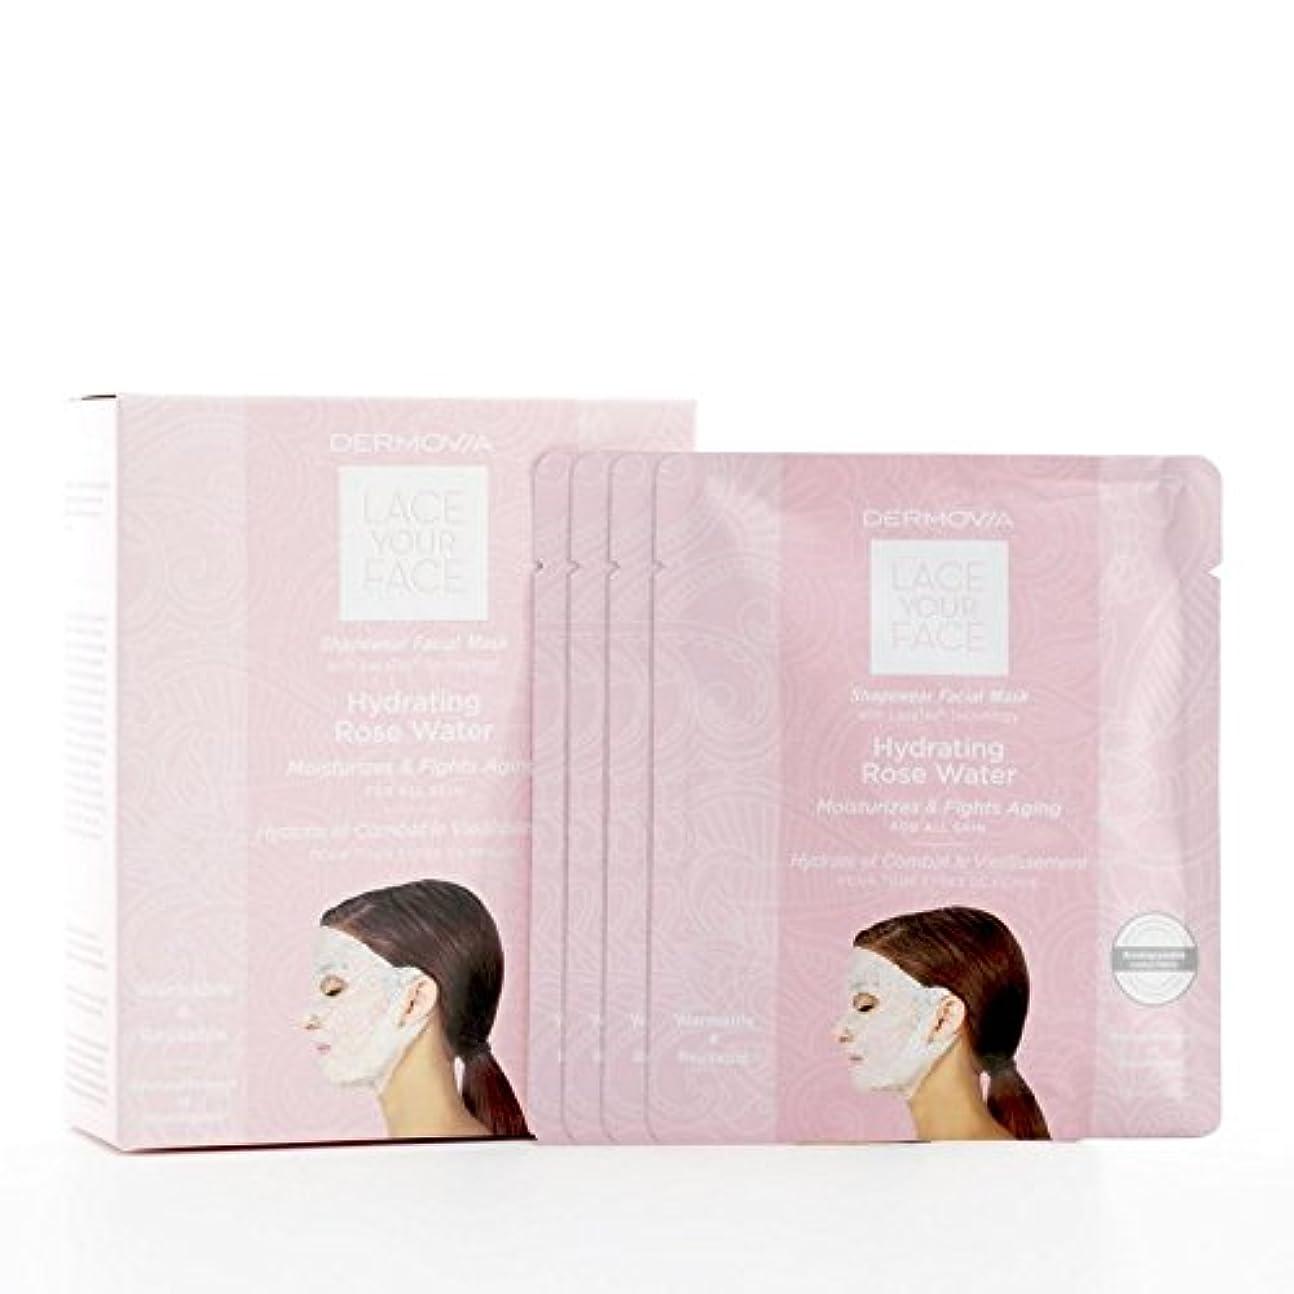 ずんぐりした言い直す親愛なは、あなたの顔の圧縮フェイシャルマスク水和が水をバラレース x2 - Dermovia Lace Your Face Compression Facial Mask Hydrating Rose Water (Pack...